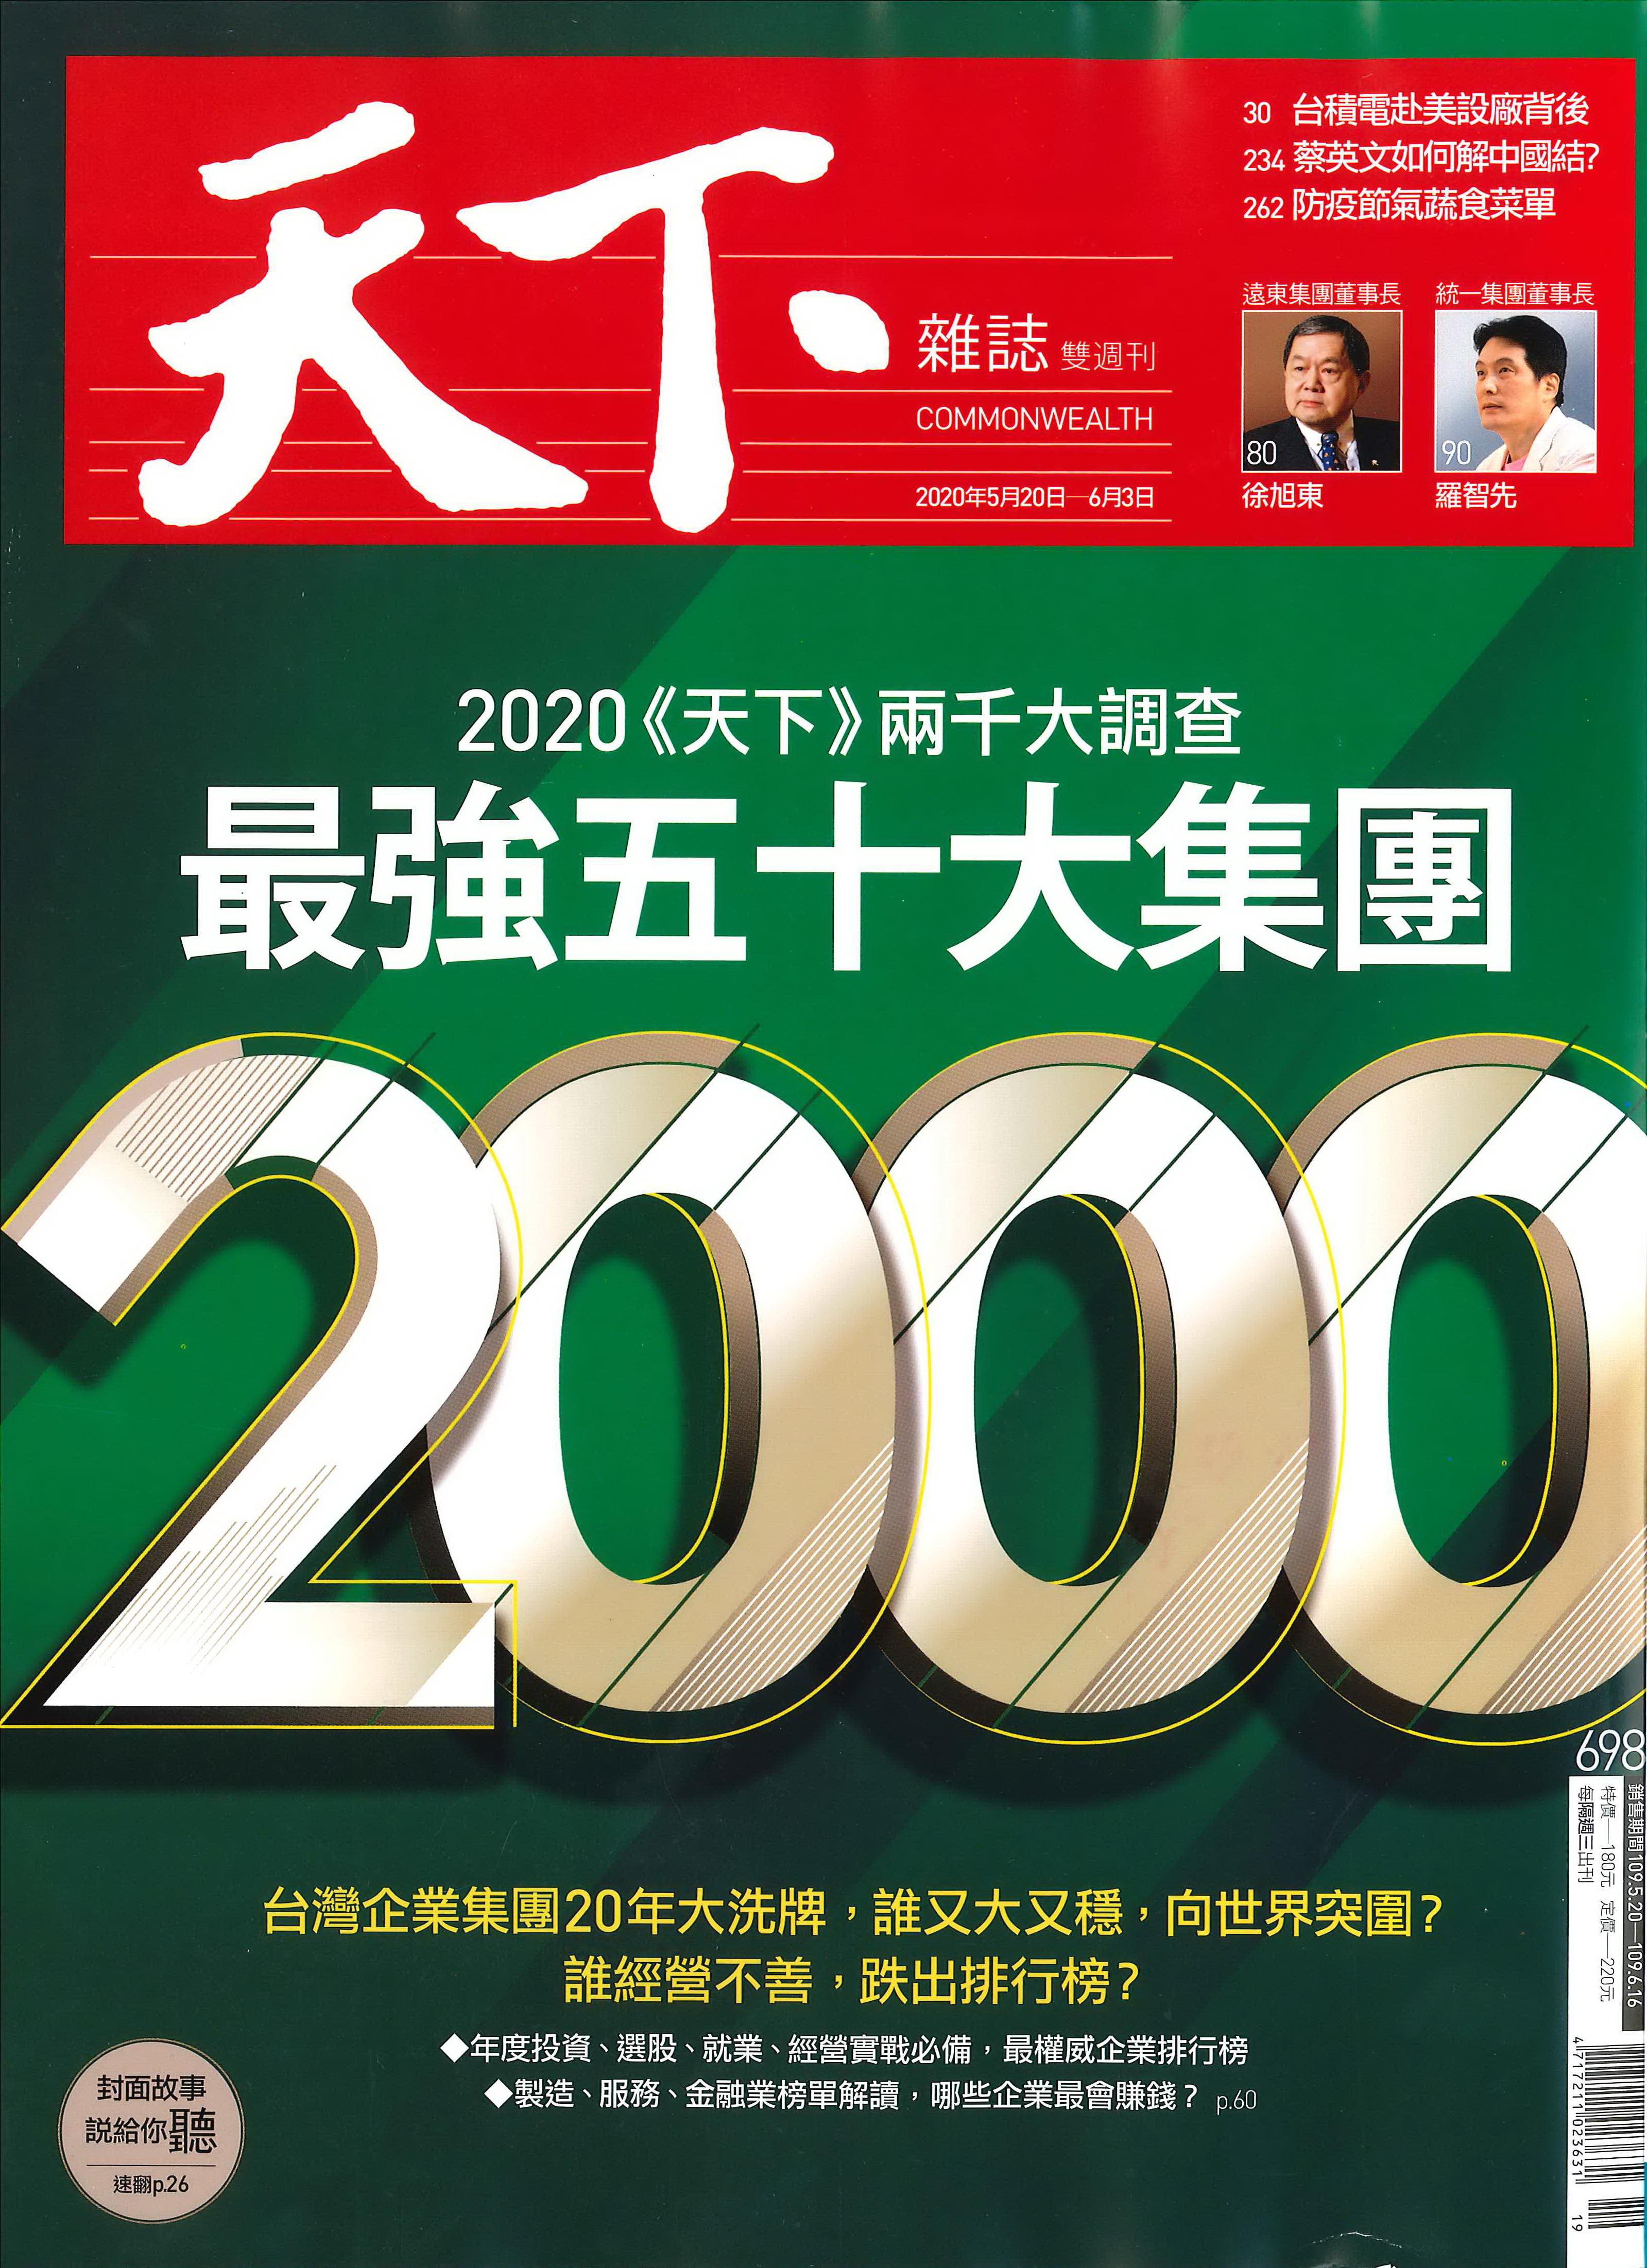 2020年《天下雜誌》2000大企業調查